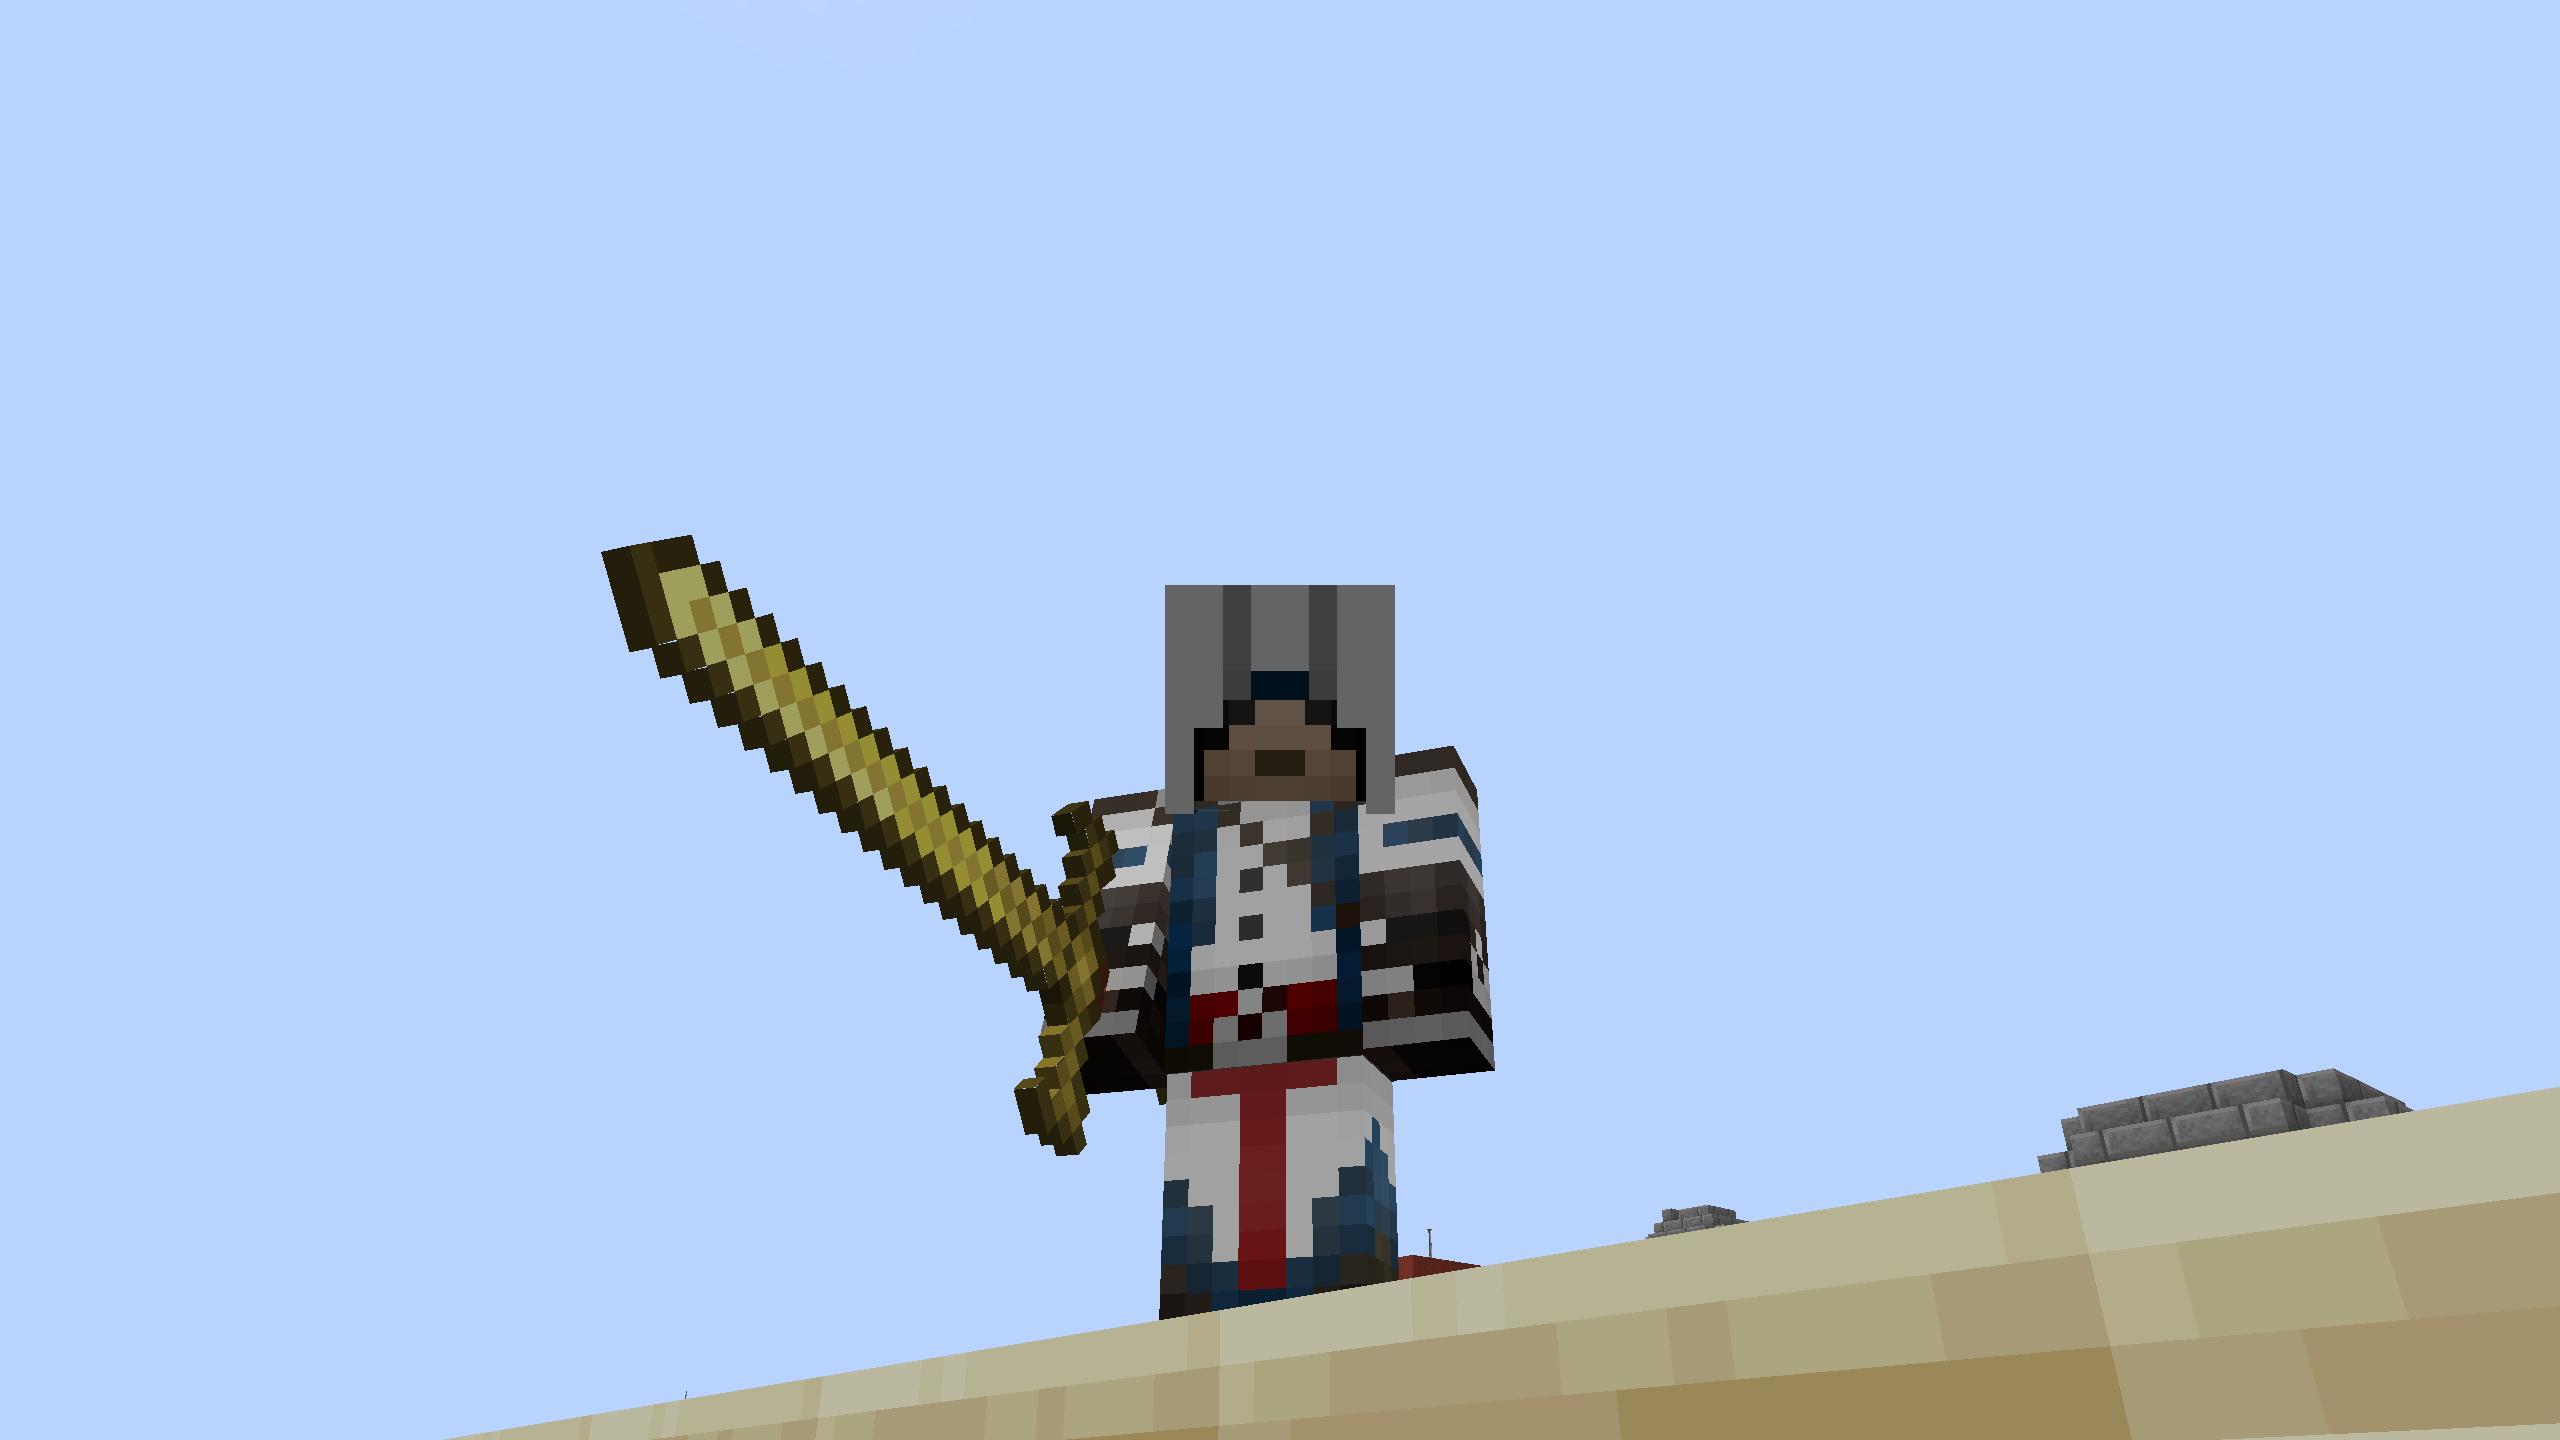 Мод «Spartan Weaponry» (Спартанское оружие) - скриншот 1